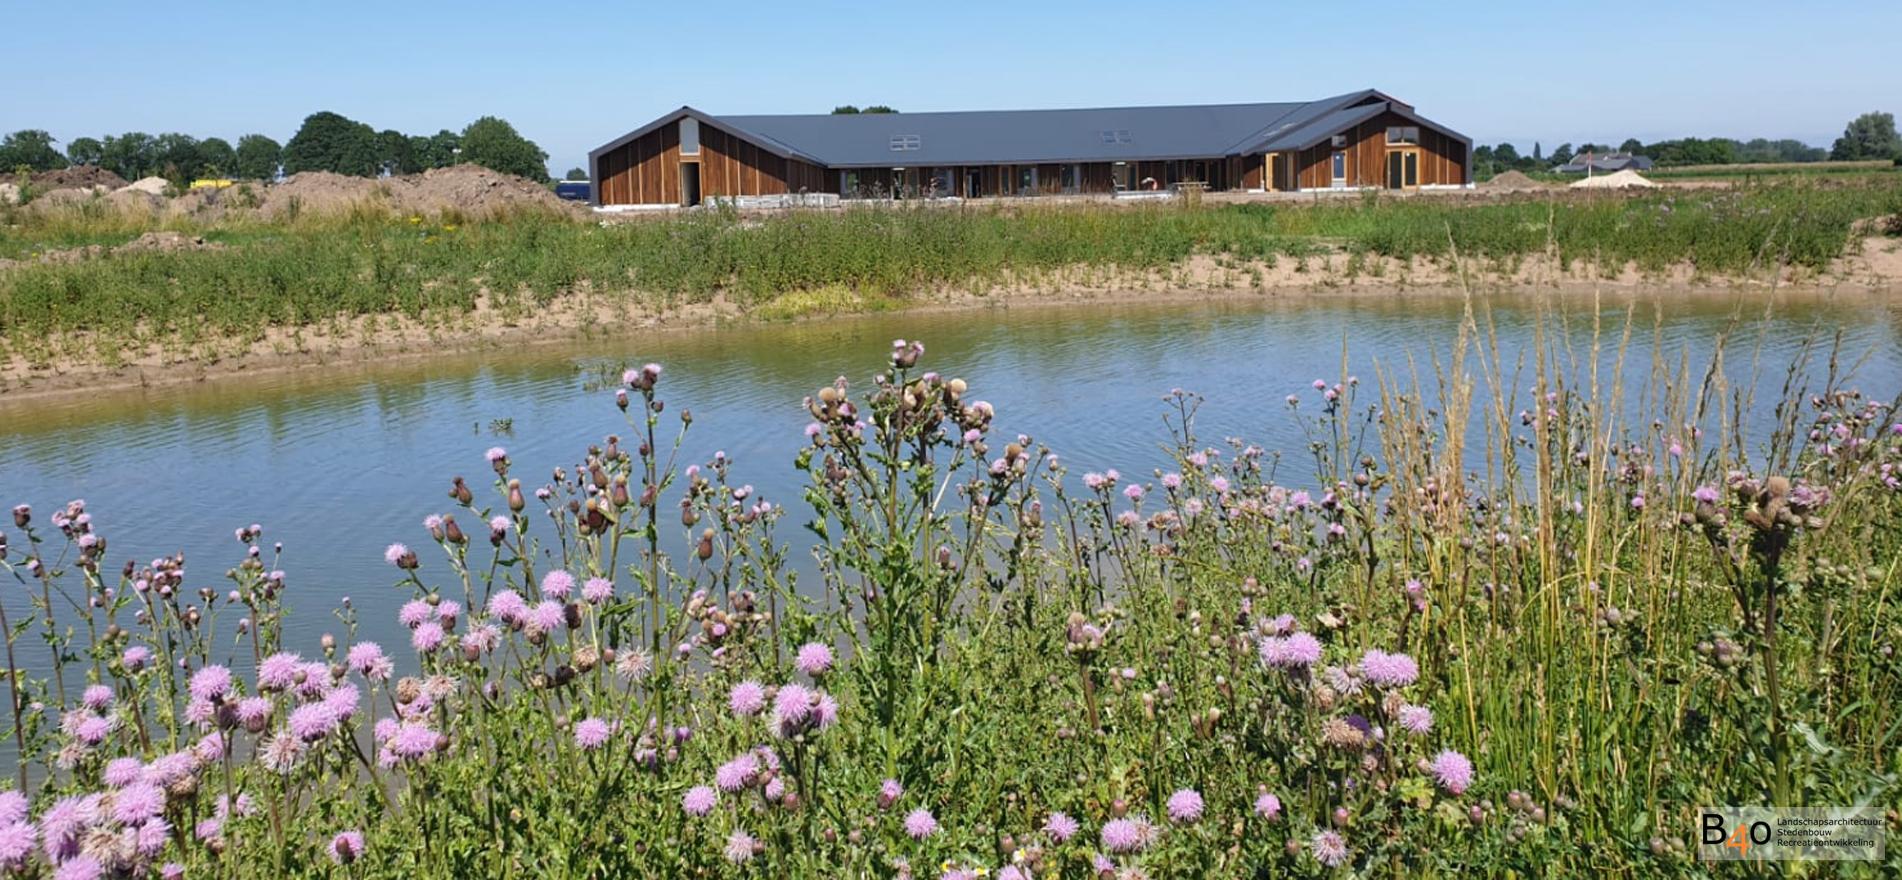 Linge's Zorglandgoed genomineerd voor Natuurprijs